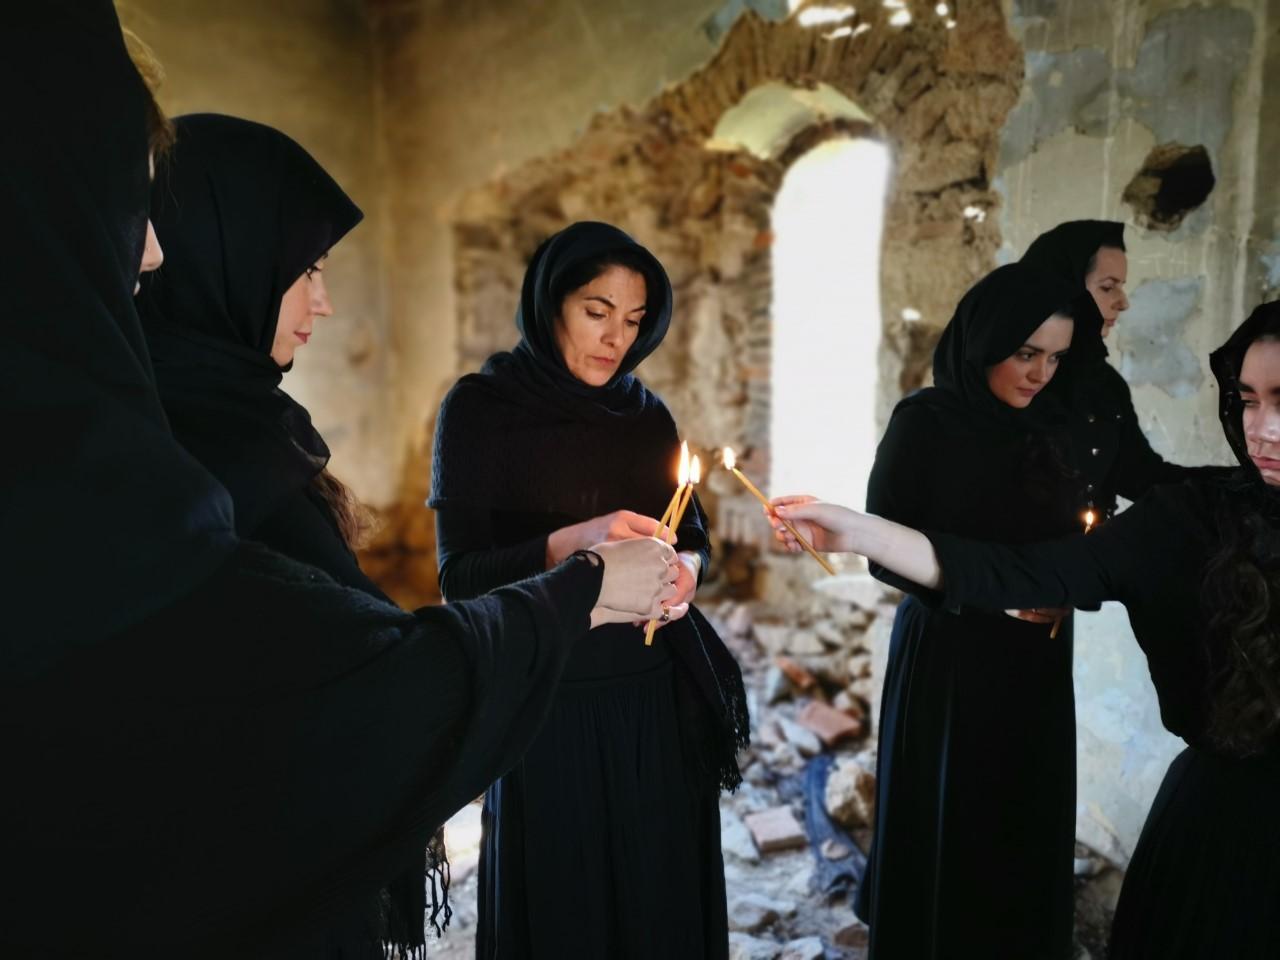 Γυναίκες ανάβουν κεριά